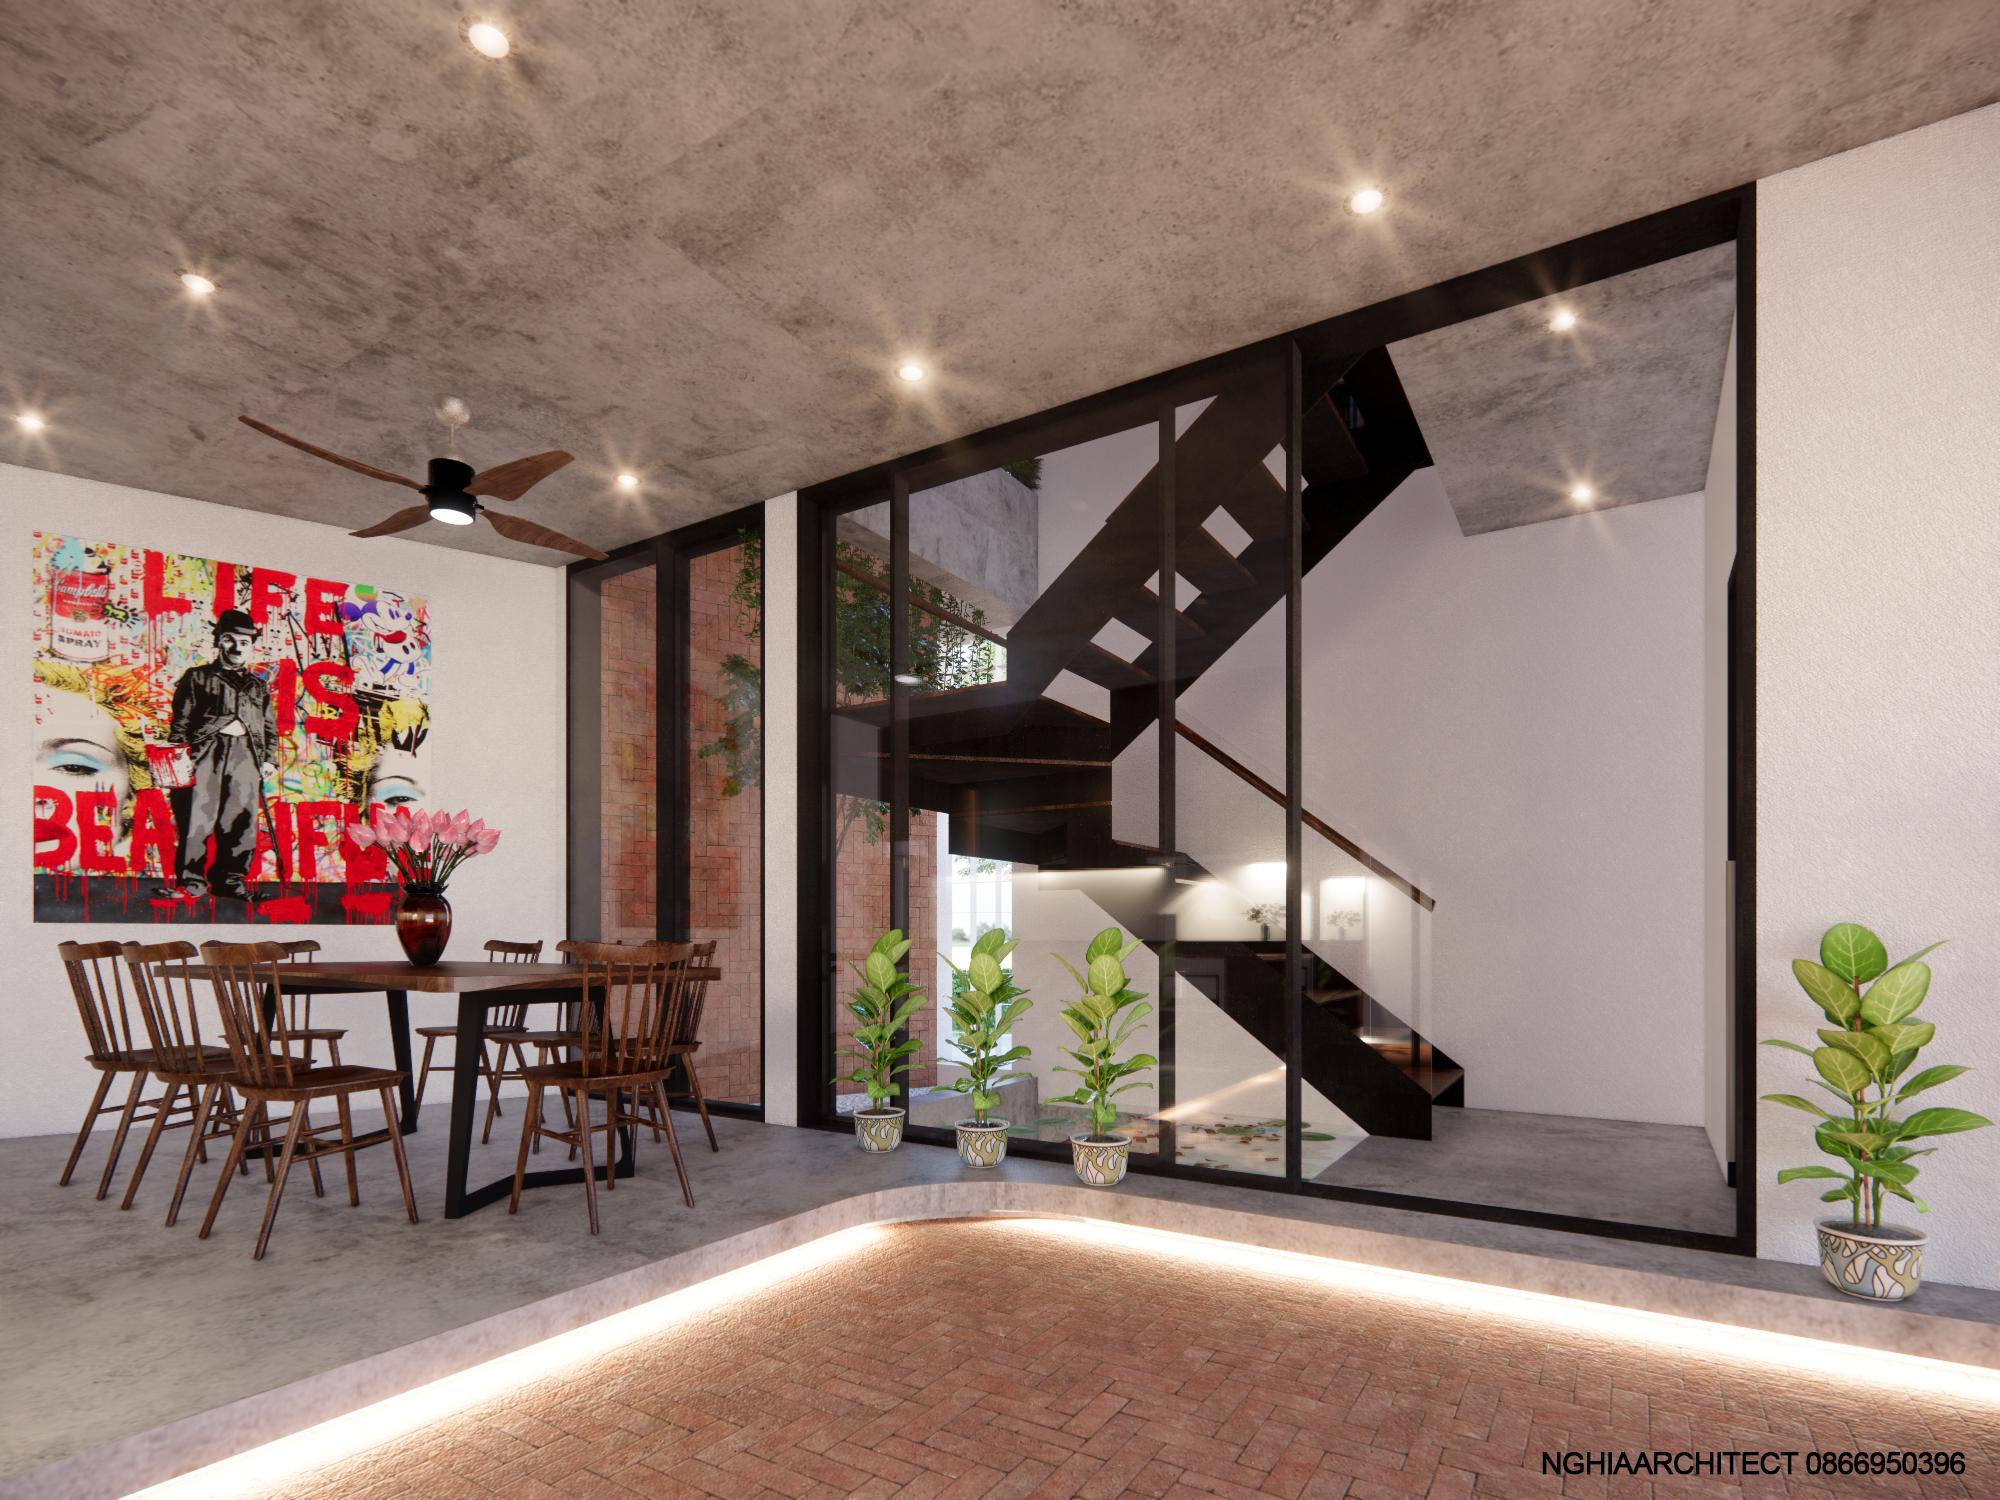 Thiết kế Nhà Mặt Phố tại Hà Nội nhà trắng 1604758178 9